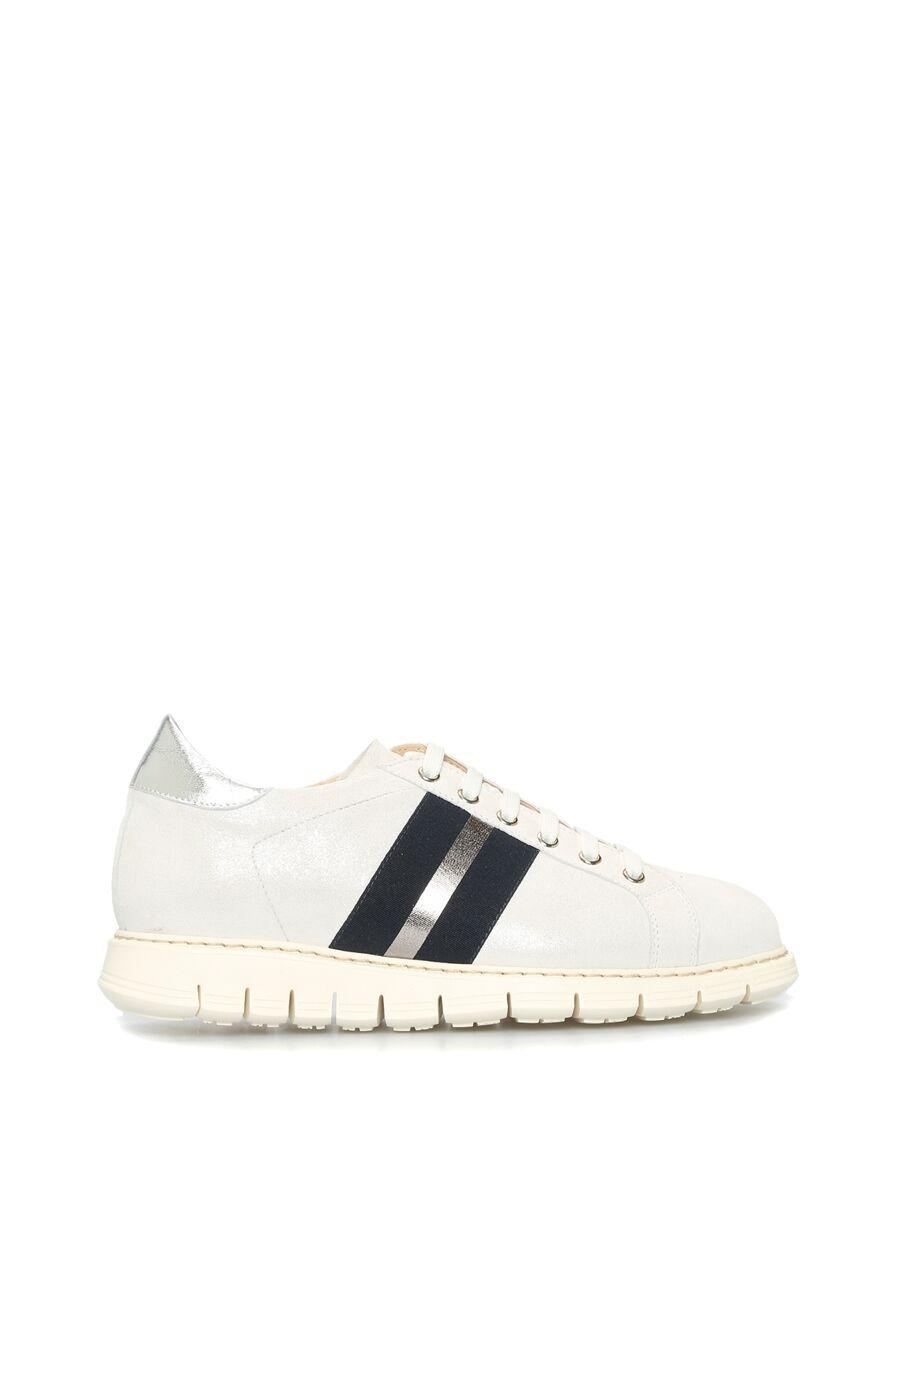 Luca Grossı Süet Gümüş Sneaker – 1199.0 TL